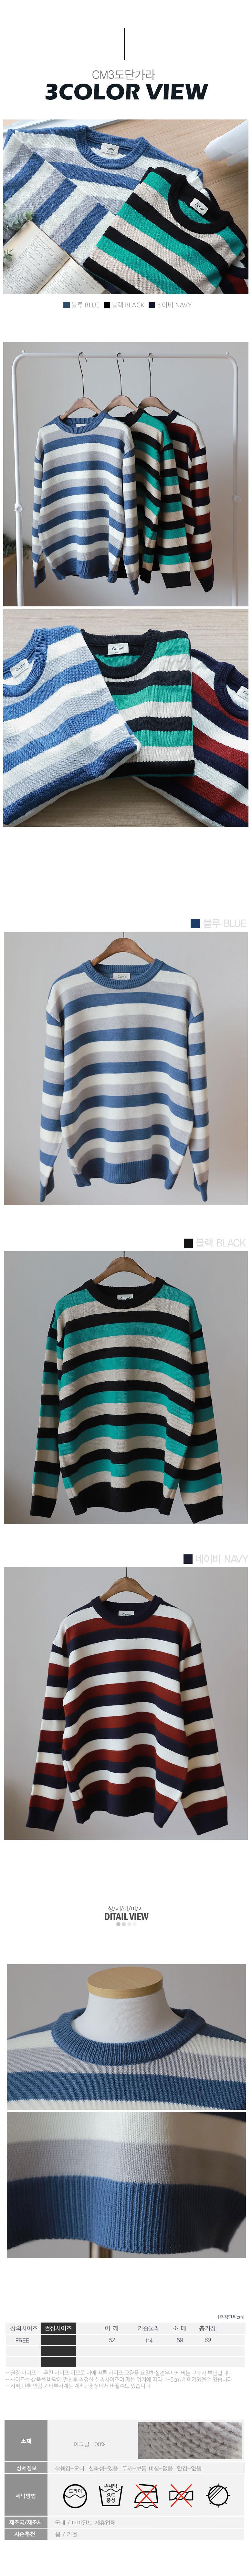 더마인드 니트라운드 CM3도단가라 - 더마인드, 33,700원, 상의, 니트/스웨터